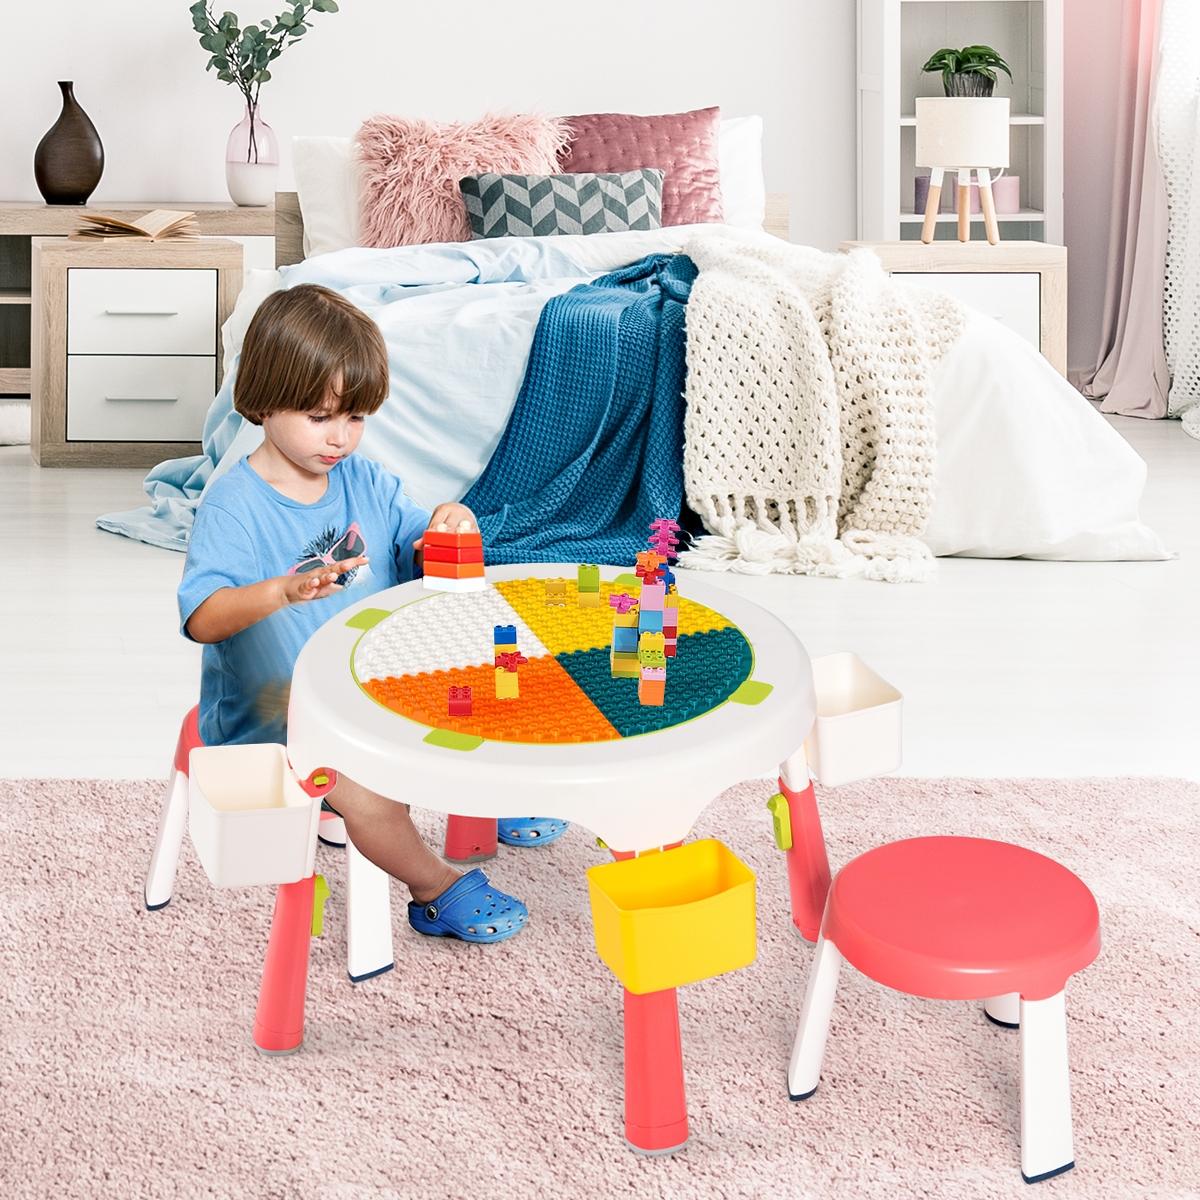 Costway Set tavolo e 2 sedie per bambini con altezza regolabile Set attività 5 in 1 con sabbia acqua blocchi Rosa